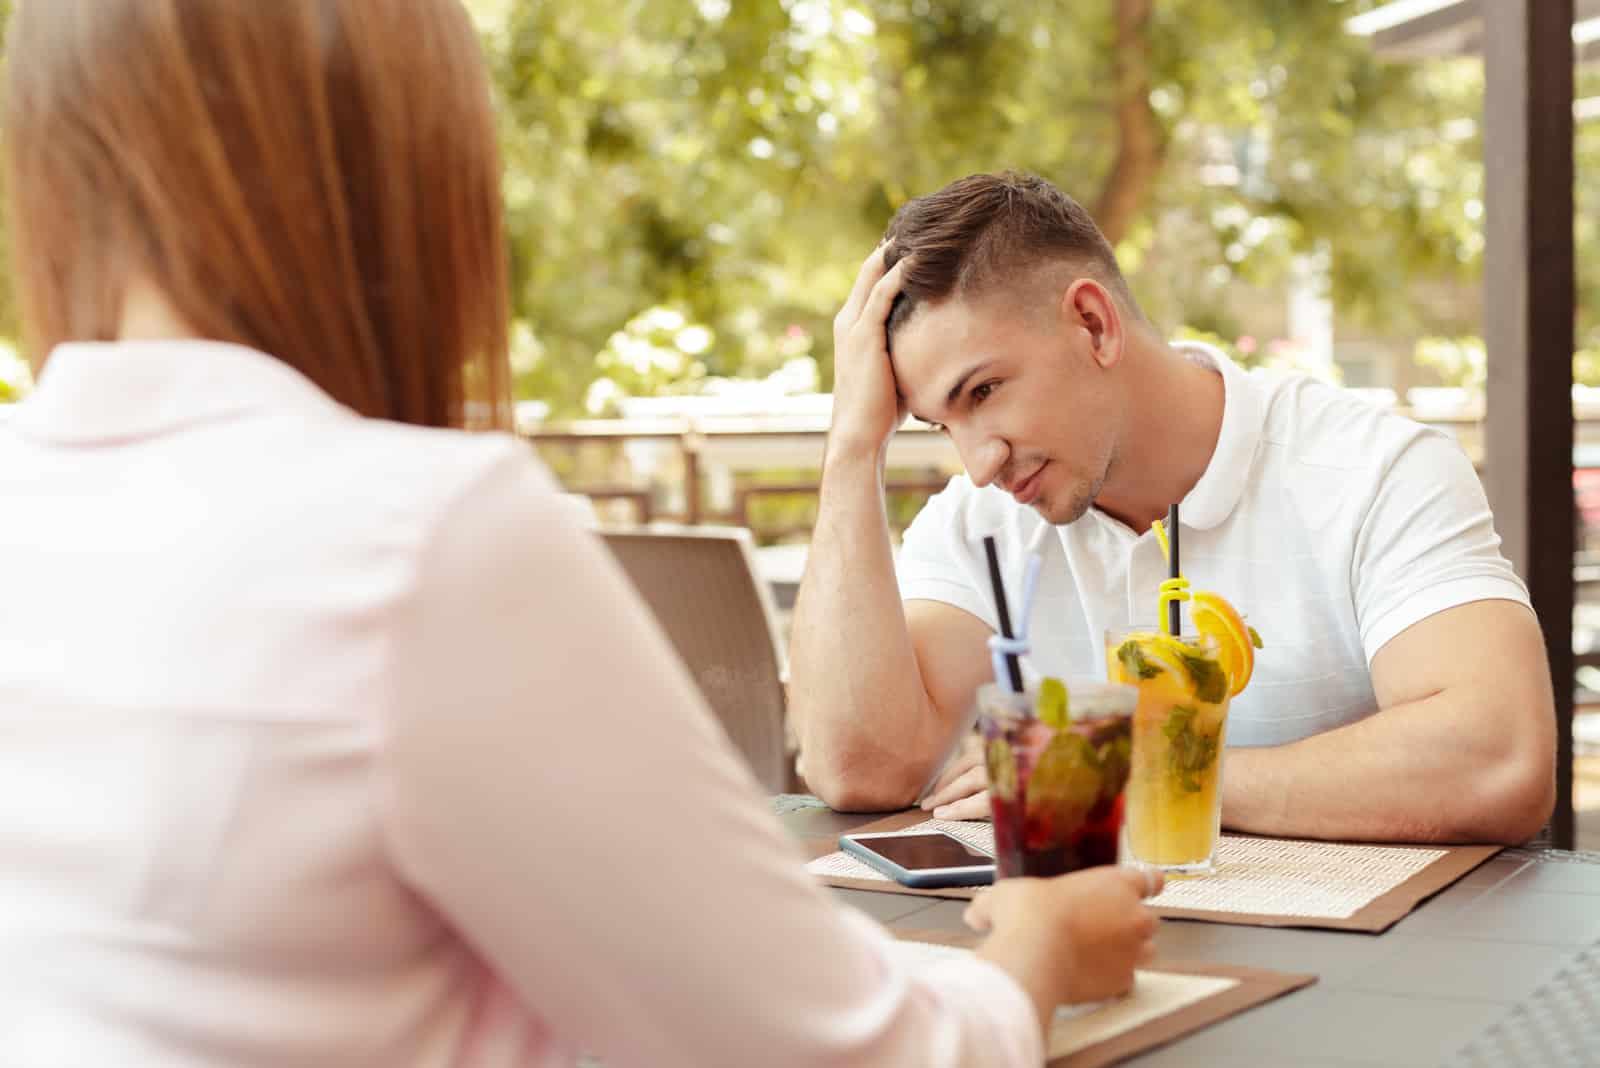 Mann ignoriert eine Frau während eines Dates